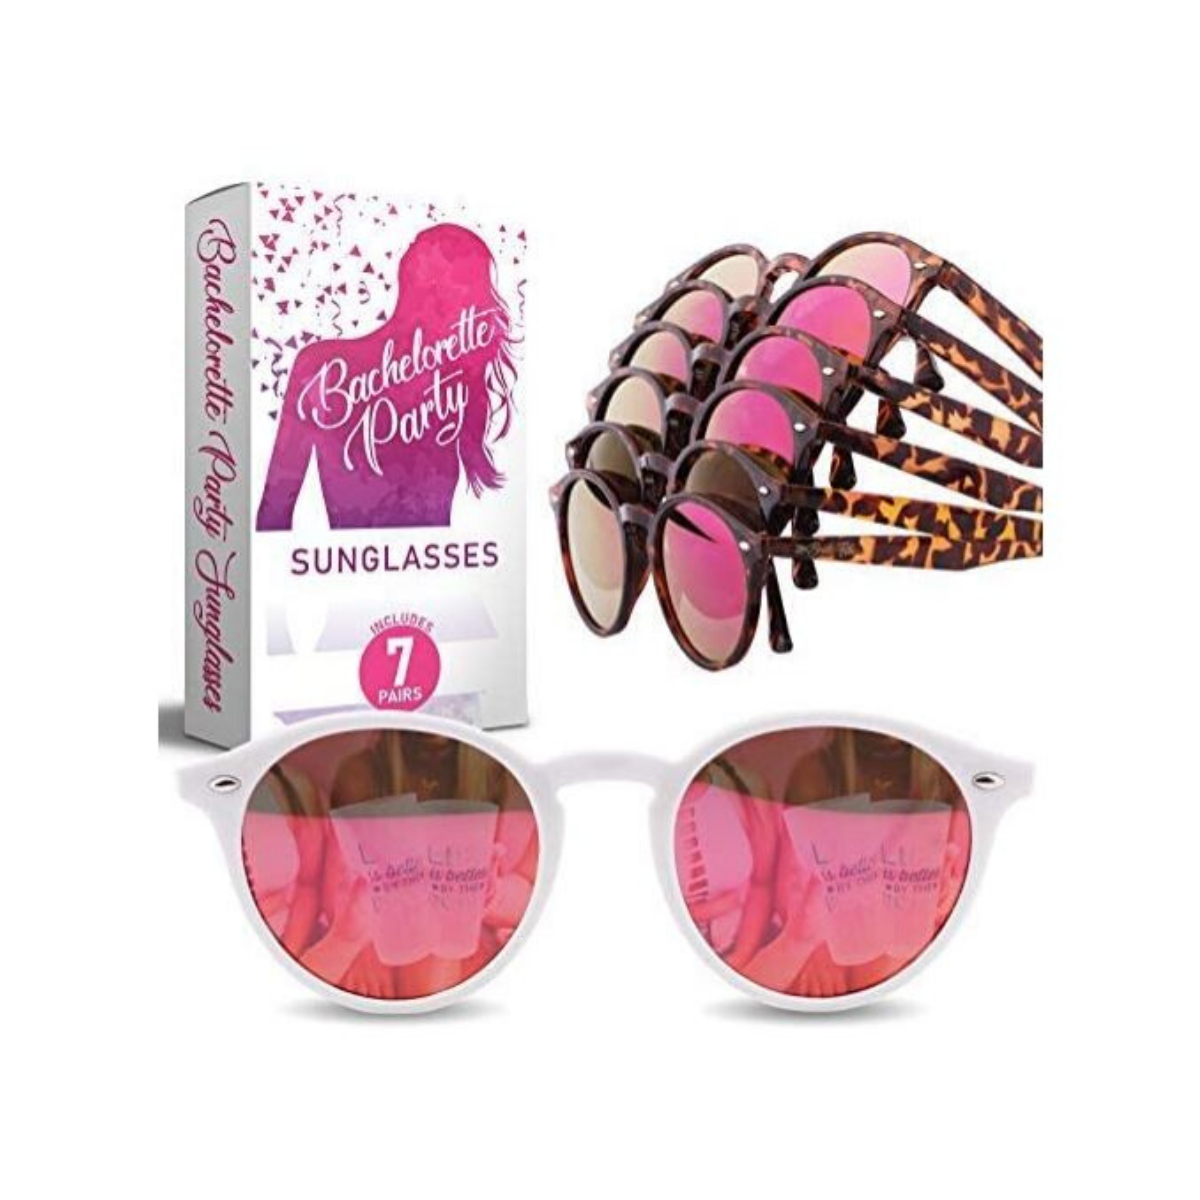 Bachelorette Party Sunglasses for Bride Tribe - 7 Bridal Party Pink Lens Glasses, Bridesmaids Favors, Instagram Bachelorette Party Decorations (7 Pack Set)